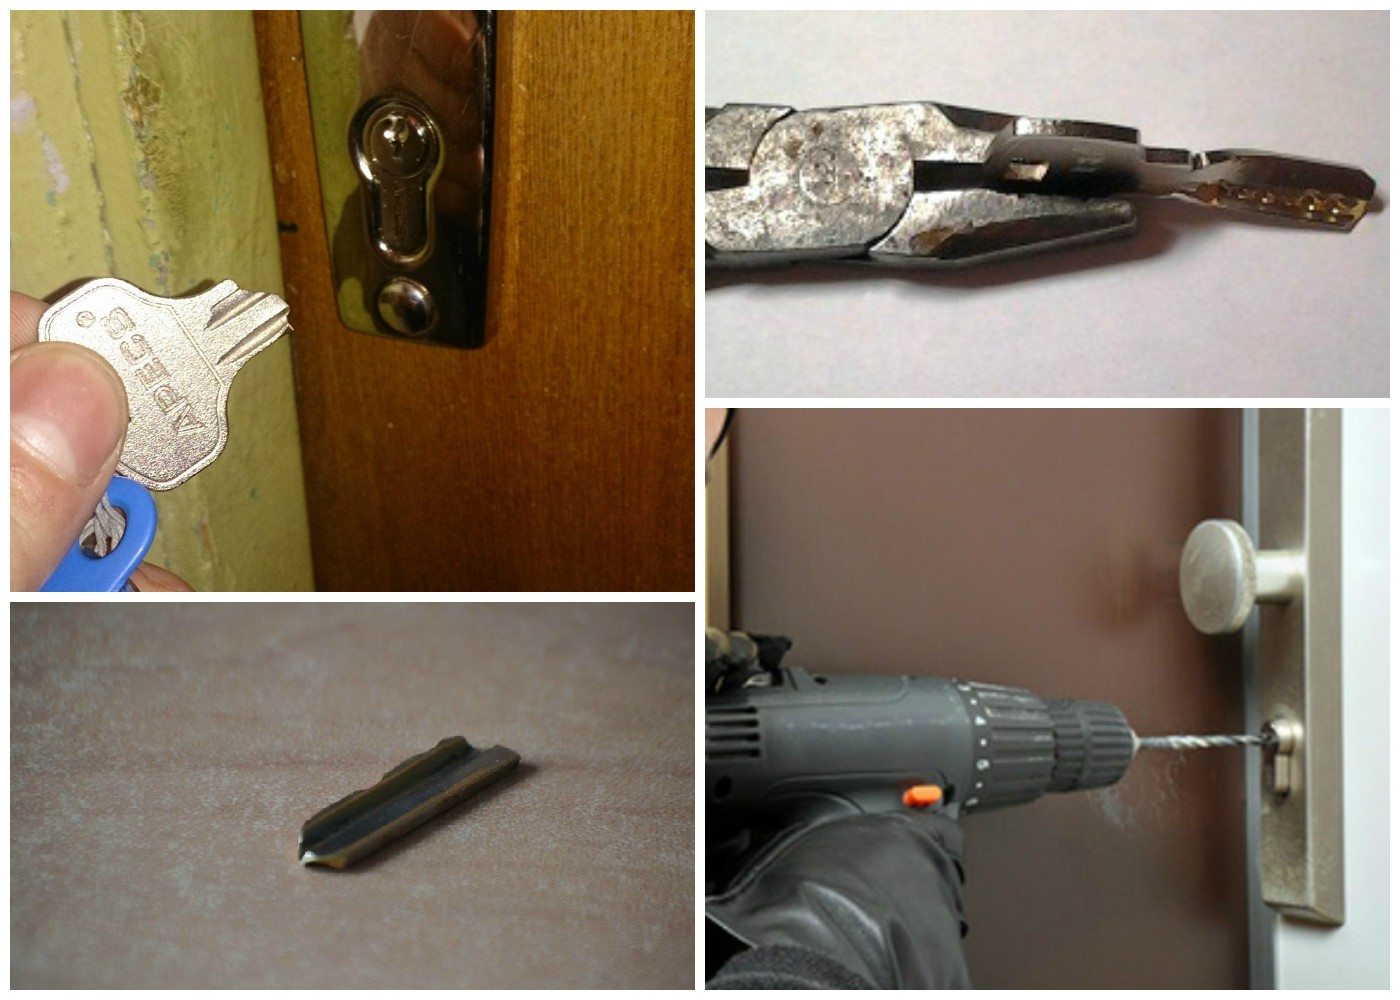 Як відкрити захлопнувшуюся двері: поради професіоналів